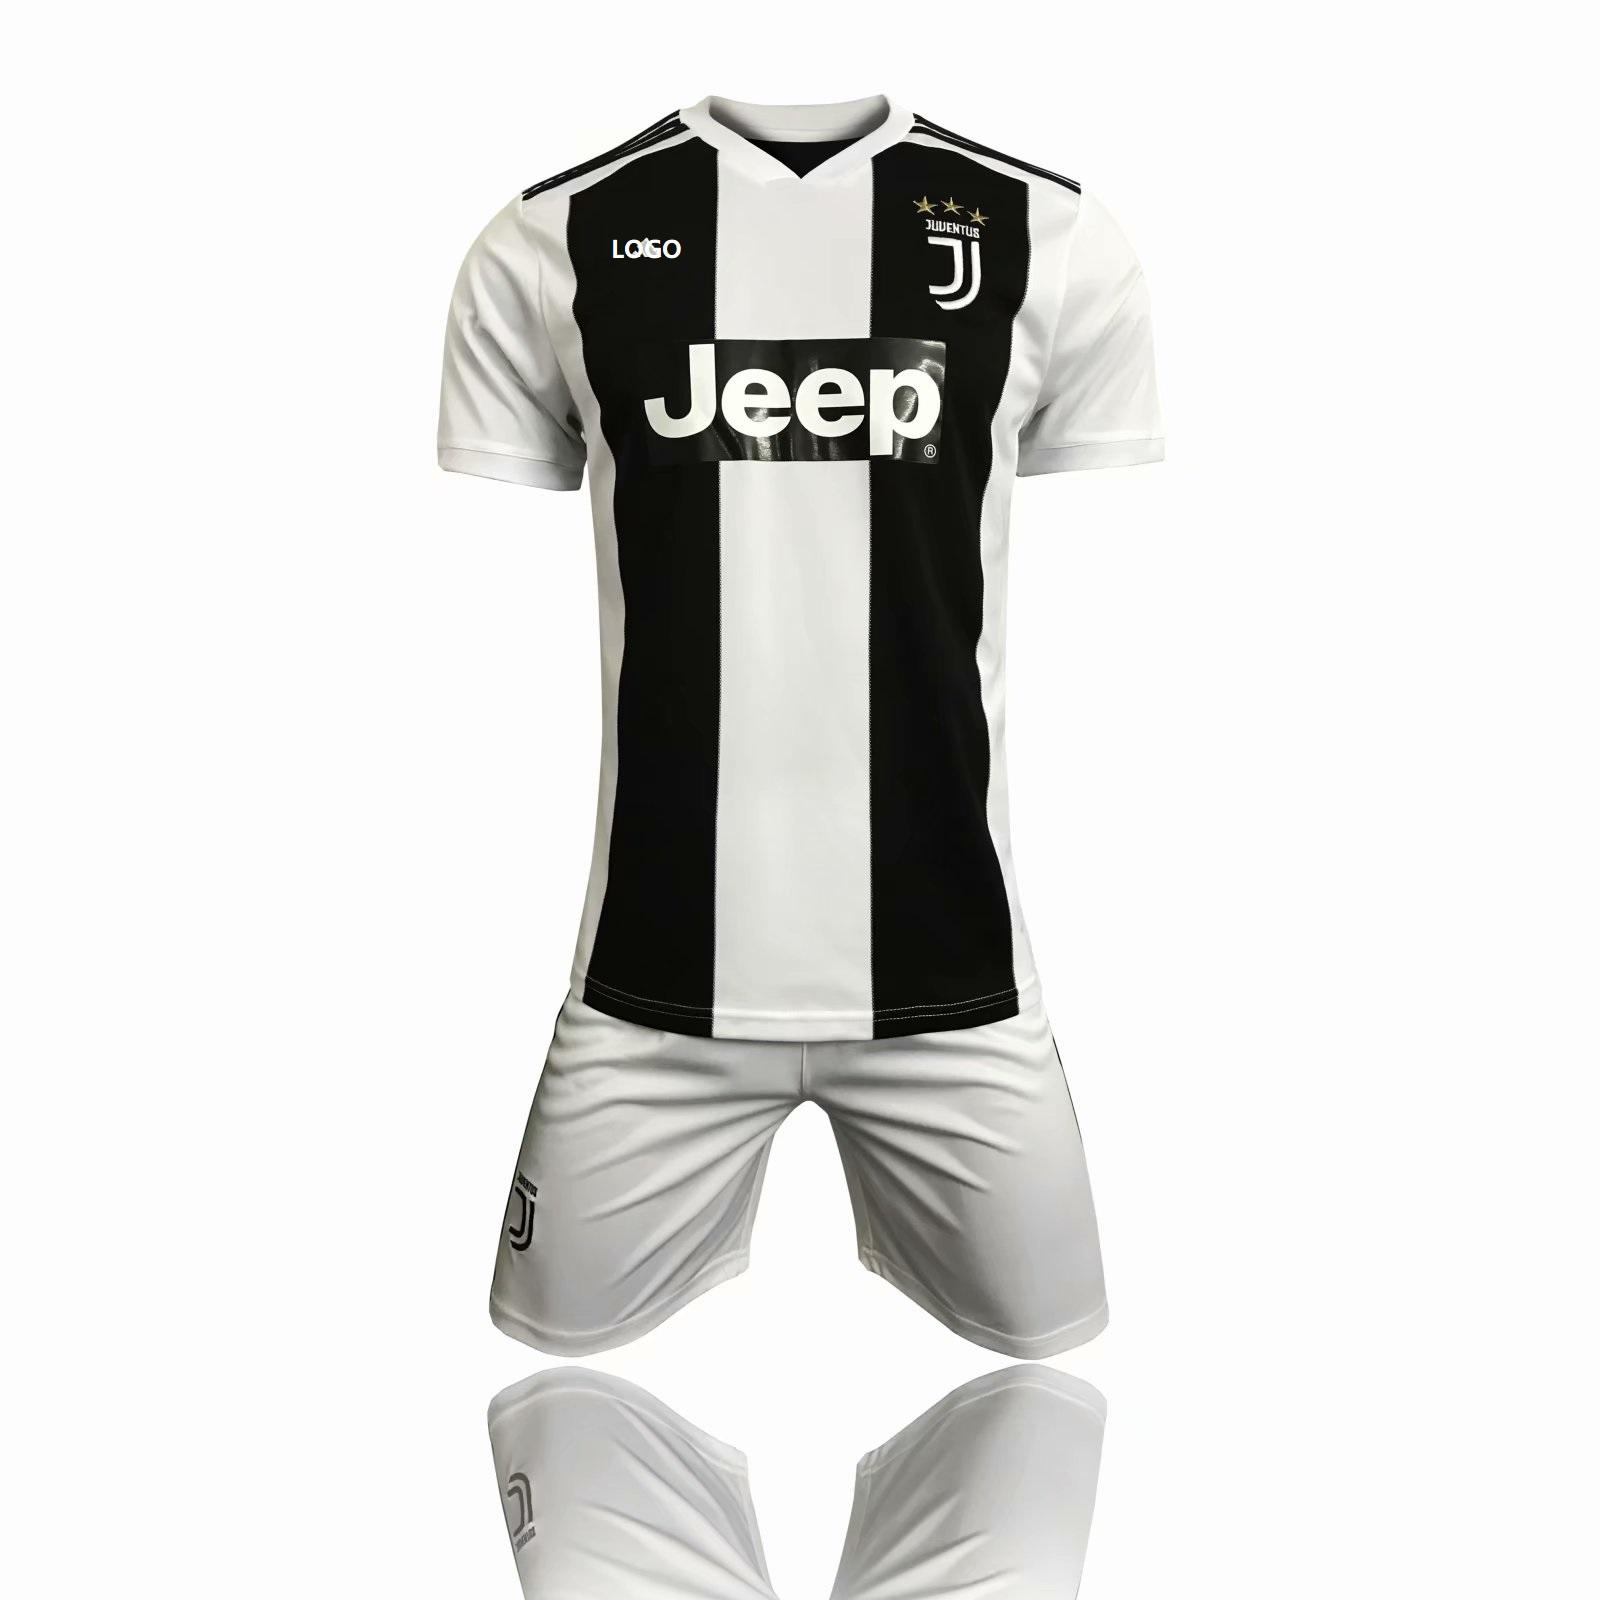 43d95c5f2 2018/19 Cheap Adult Juventus Soccer Jersey Uniform Man Shirt+Short Football  Tracksuit Home Away